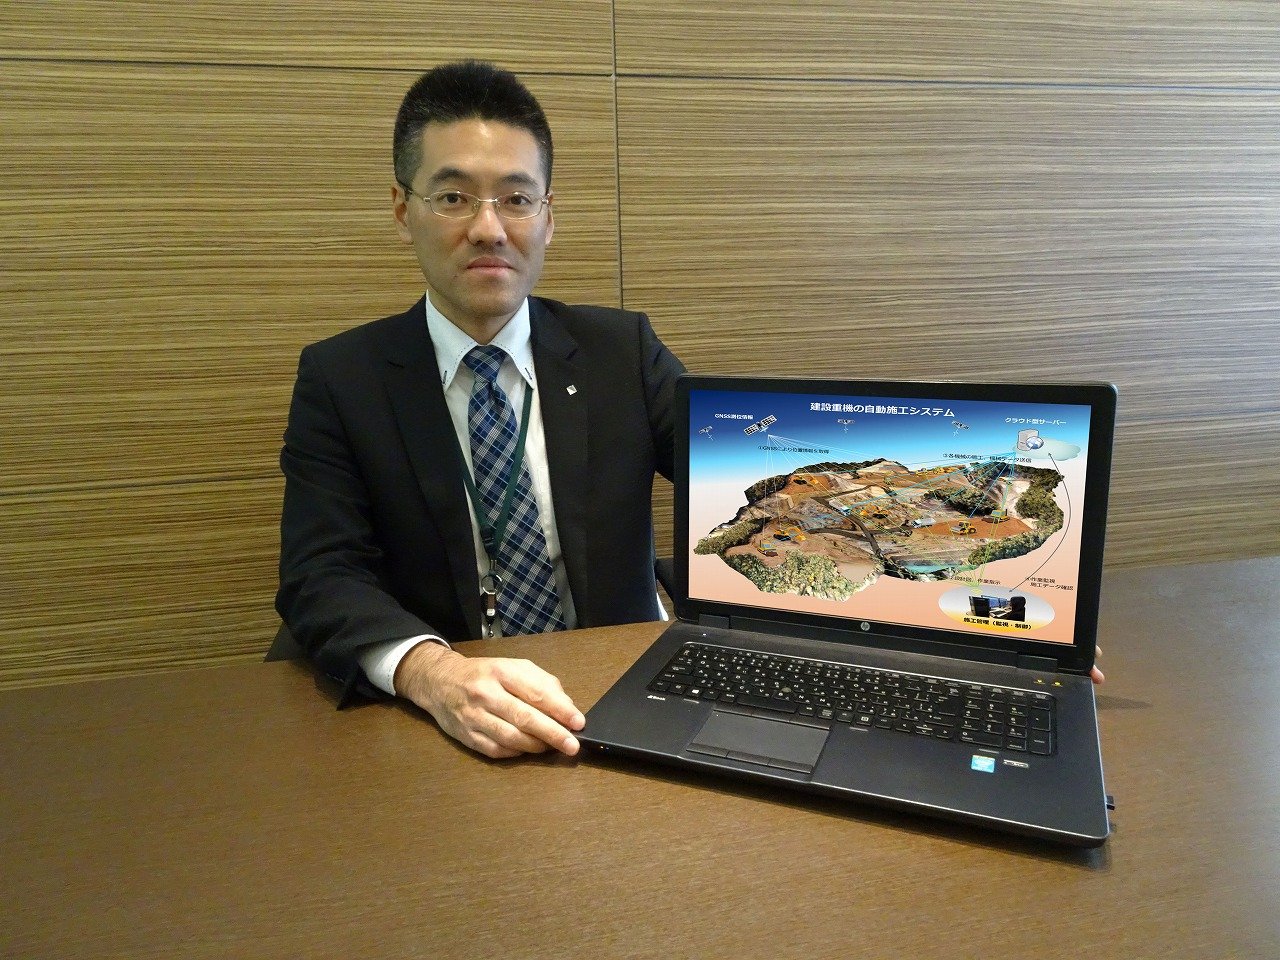 AIとクラウドを活用した未来の土工現場について語る佐野課長